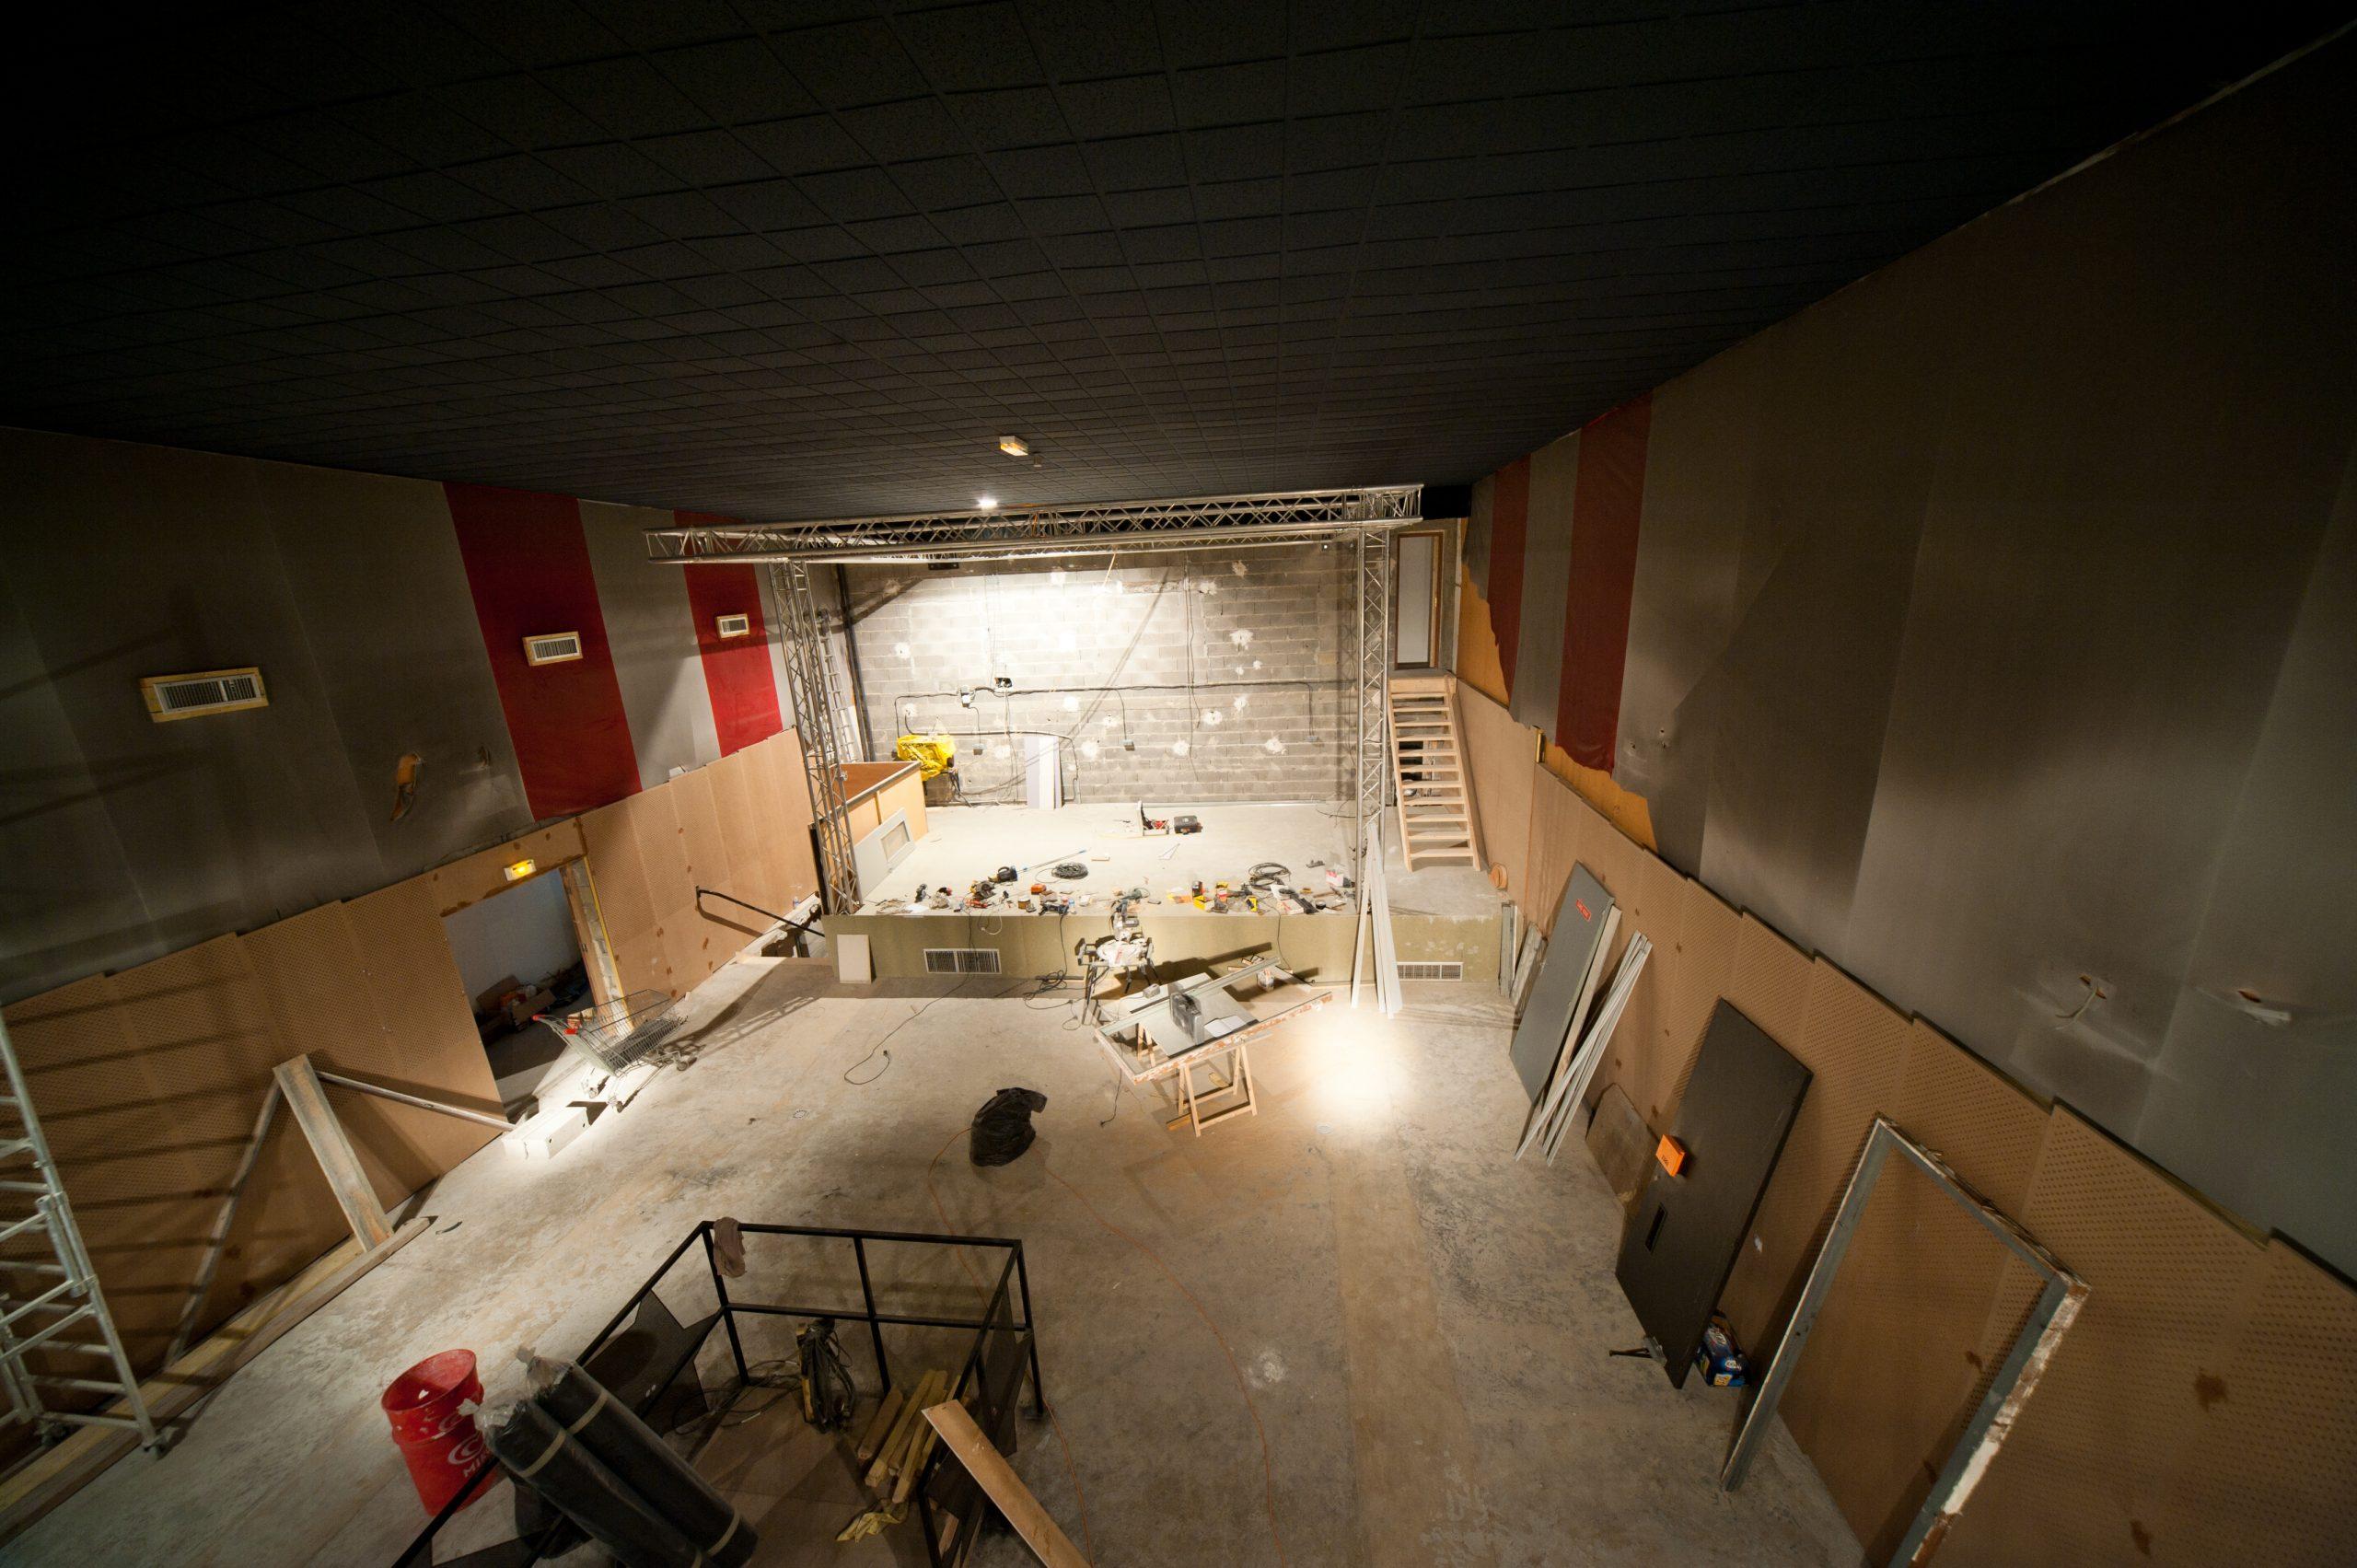 Travaux de la salle de concert de Rodez par les bénévoles